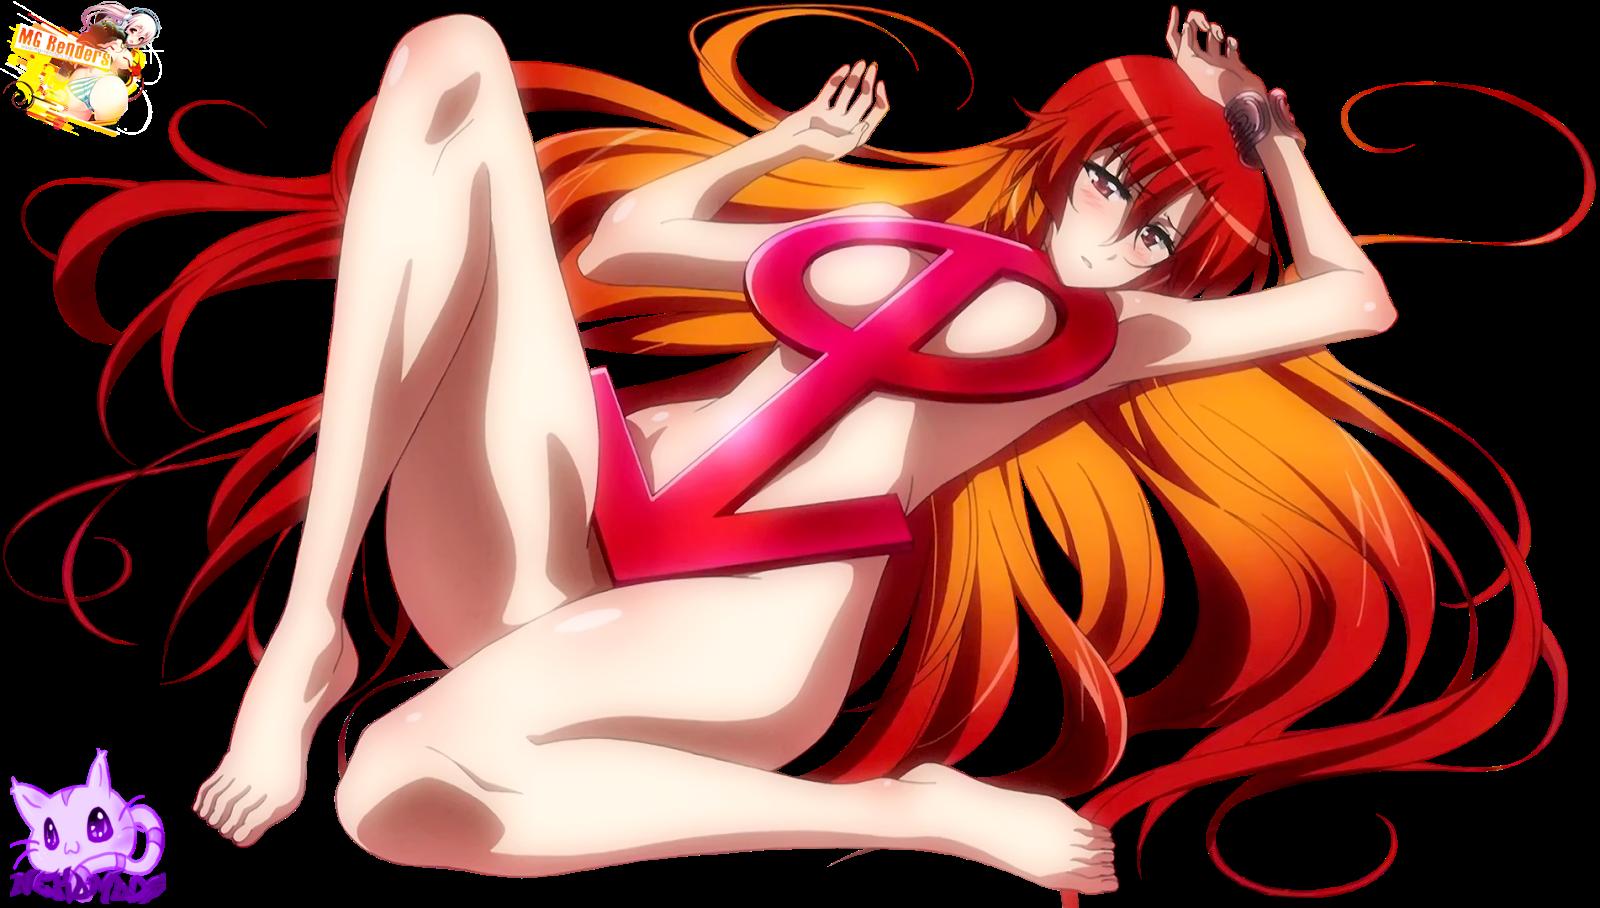 Wa ga nackt boku dakara h dekinai Anime wie